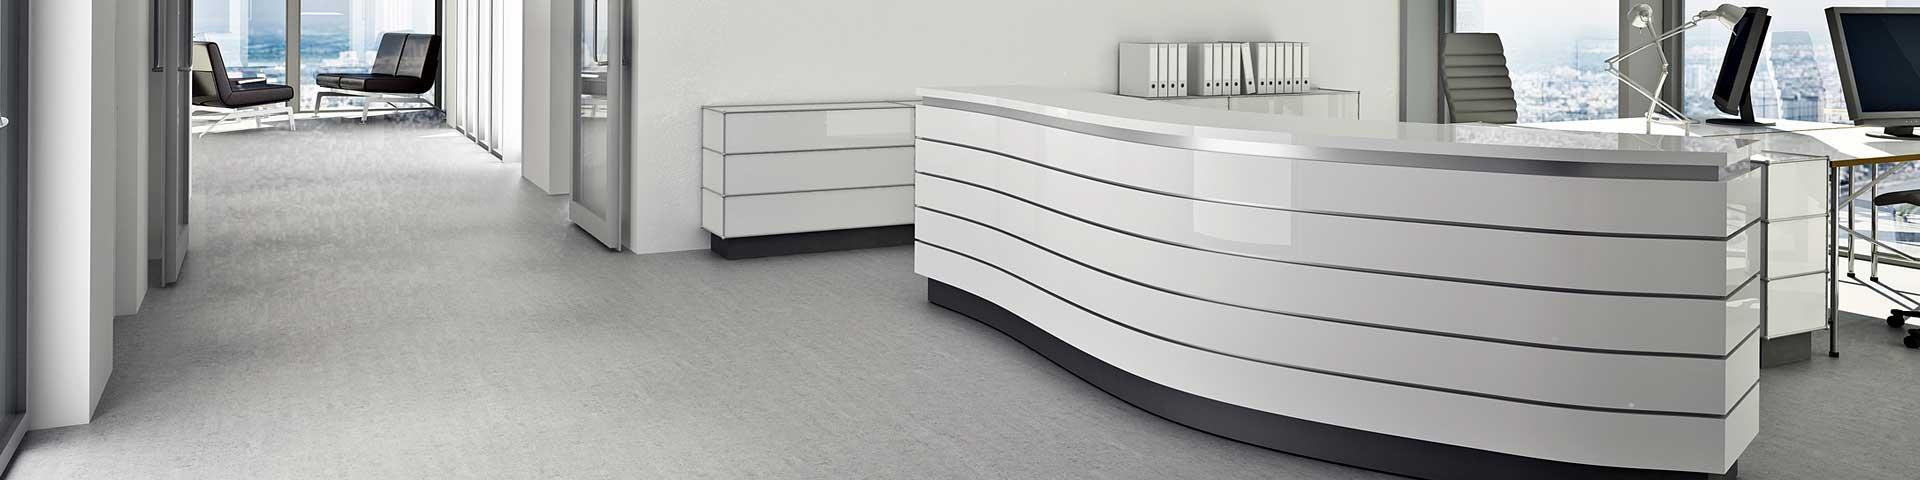 praxen zum verkauf diese arztpraxen k nnen bernommen werden. Black Bedroom Furniture Sets. Home Design Ideas